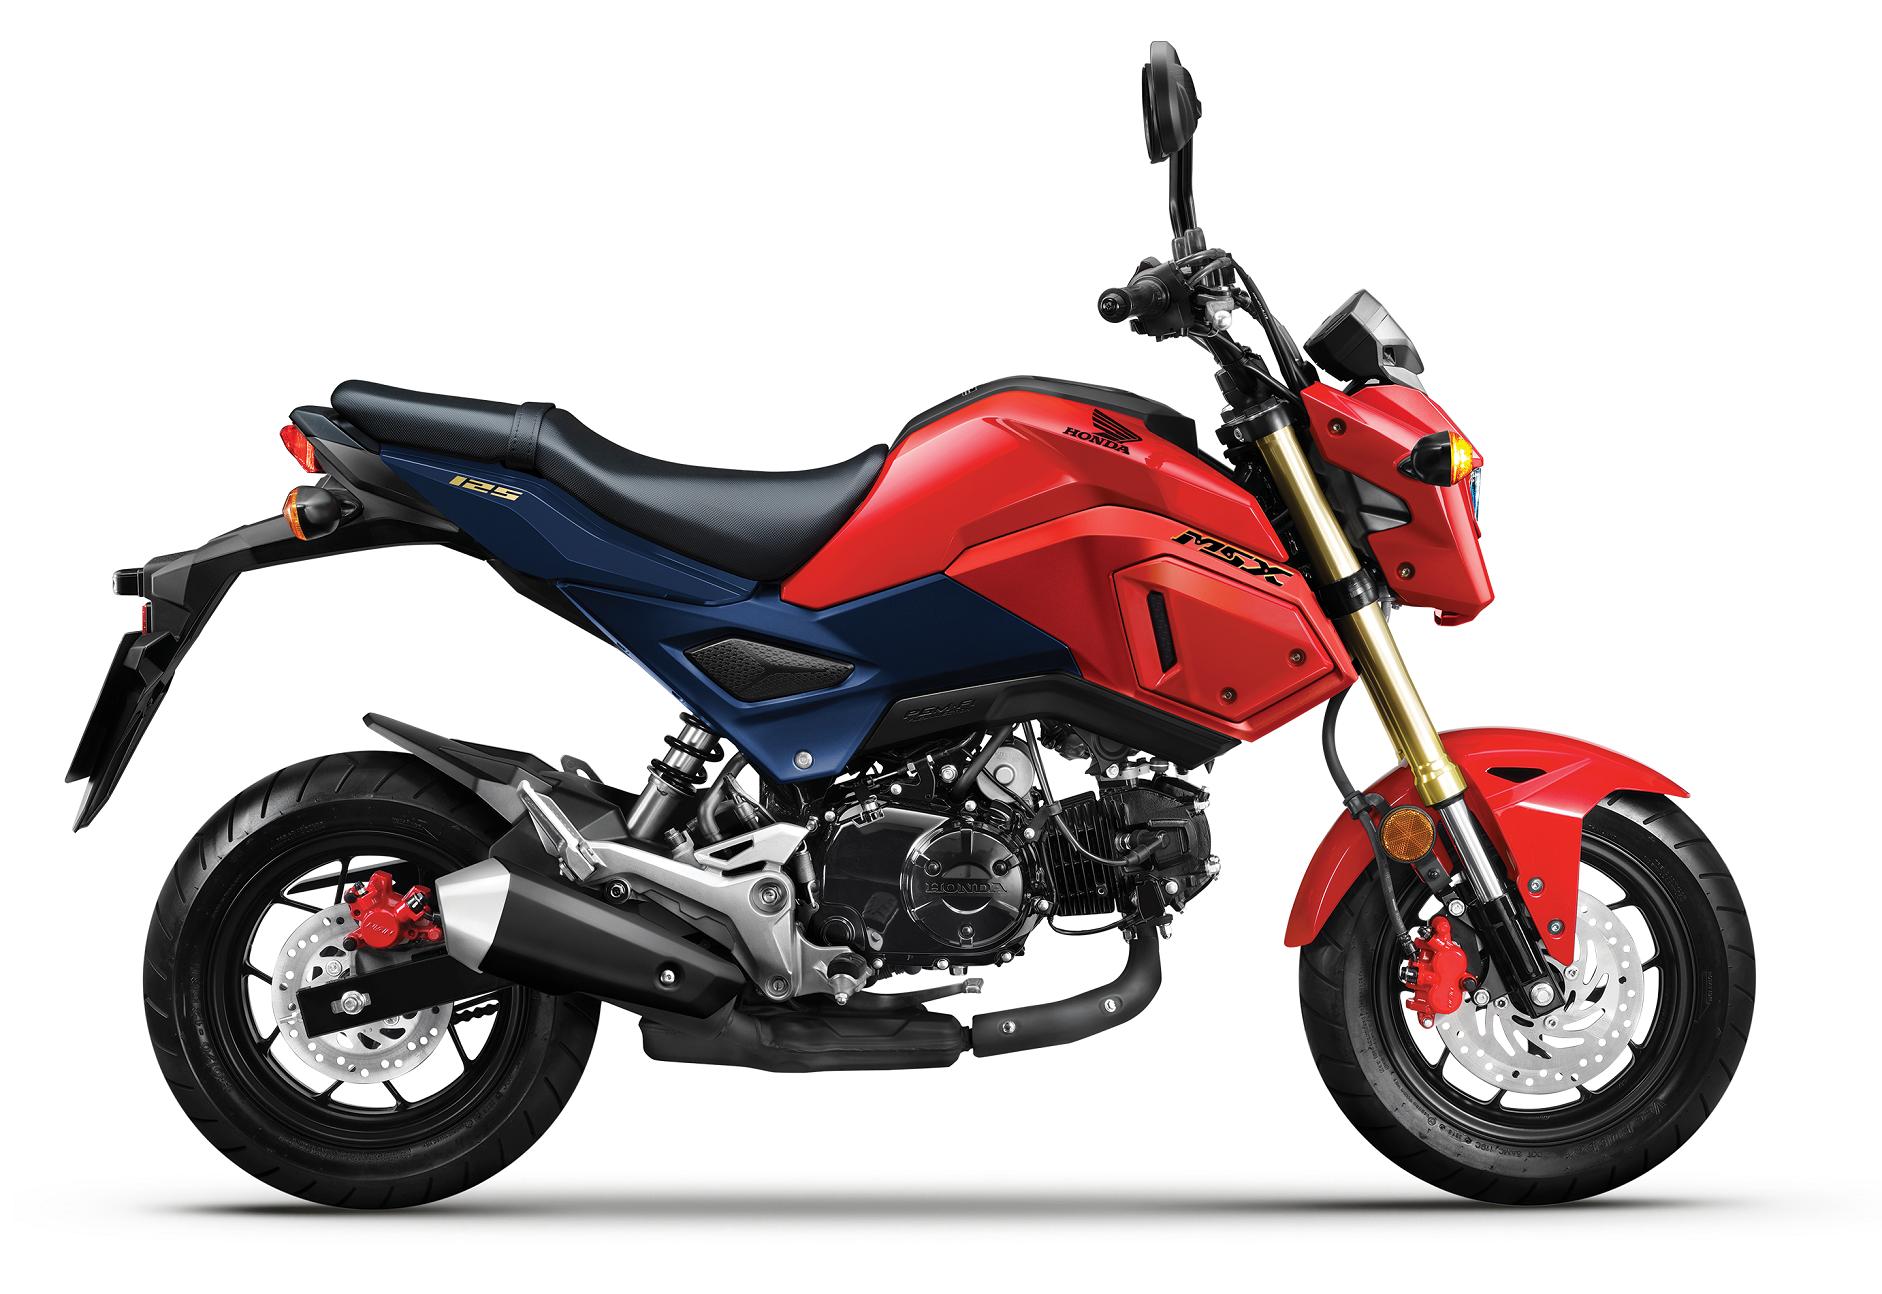 Honda MSX 125cc phiên bản mới ra mắt tại Việt Nam, giá 49,99 triệu